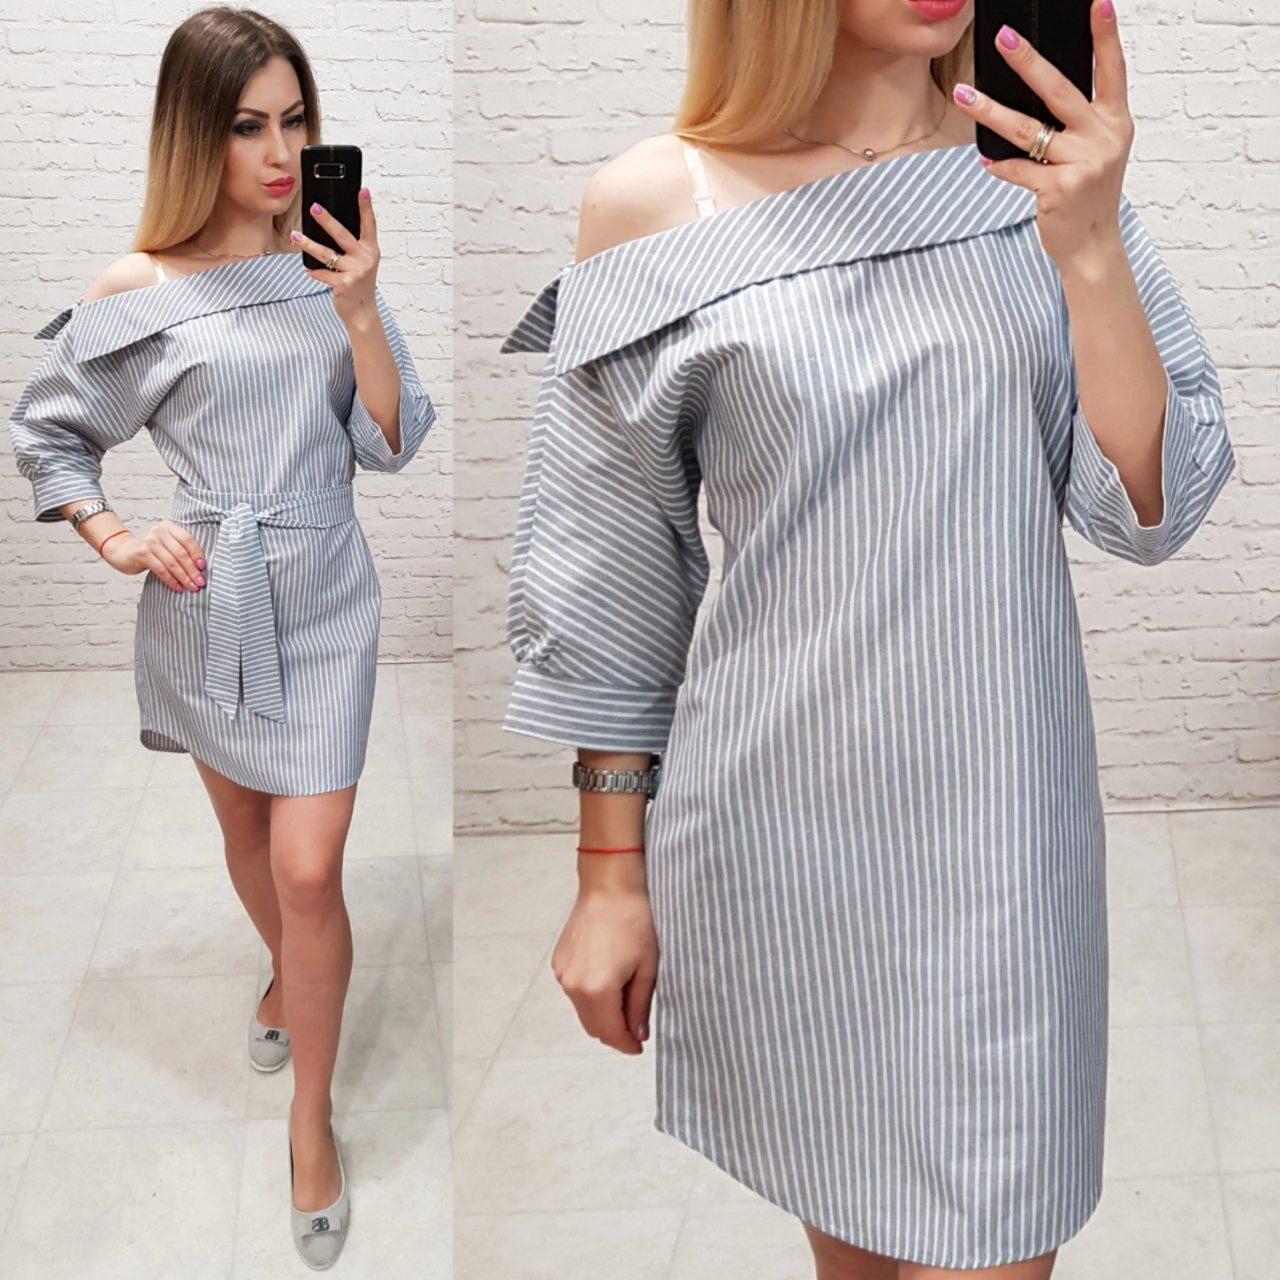 b23a58f3f70 Платье летнее льняное 161 белое в серую полоску - Интернет магазин женской  одежды Khan в Одессе